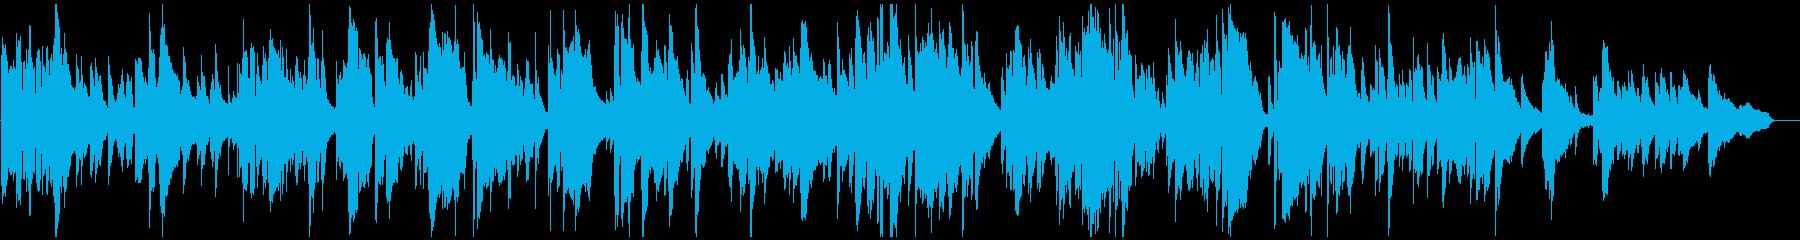 アダルティな優しいバラード生演奏サックスの再生済みの波形